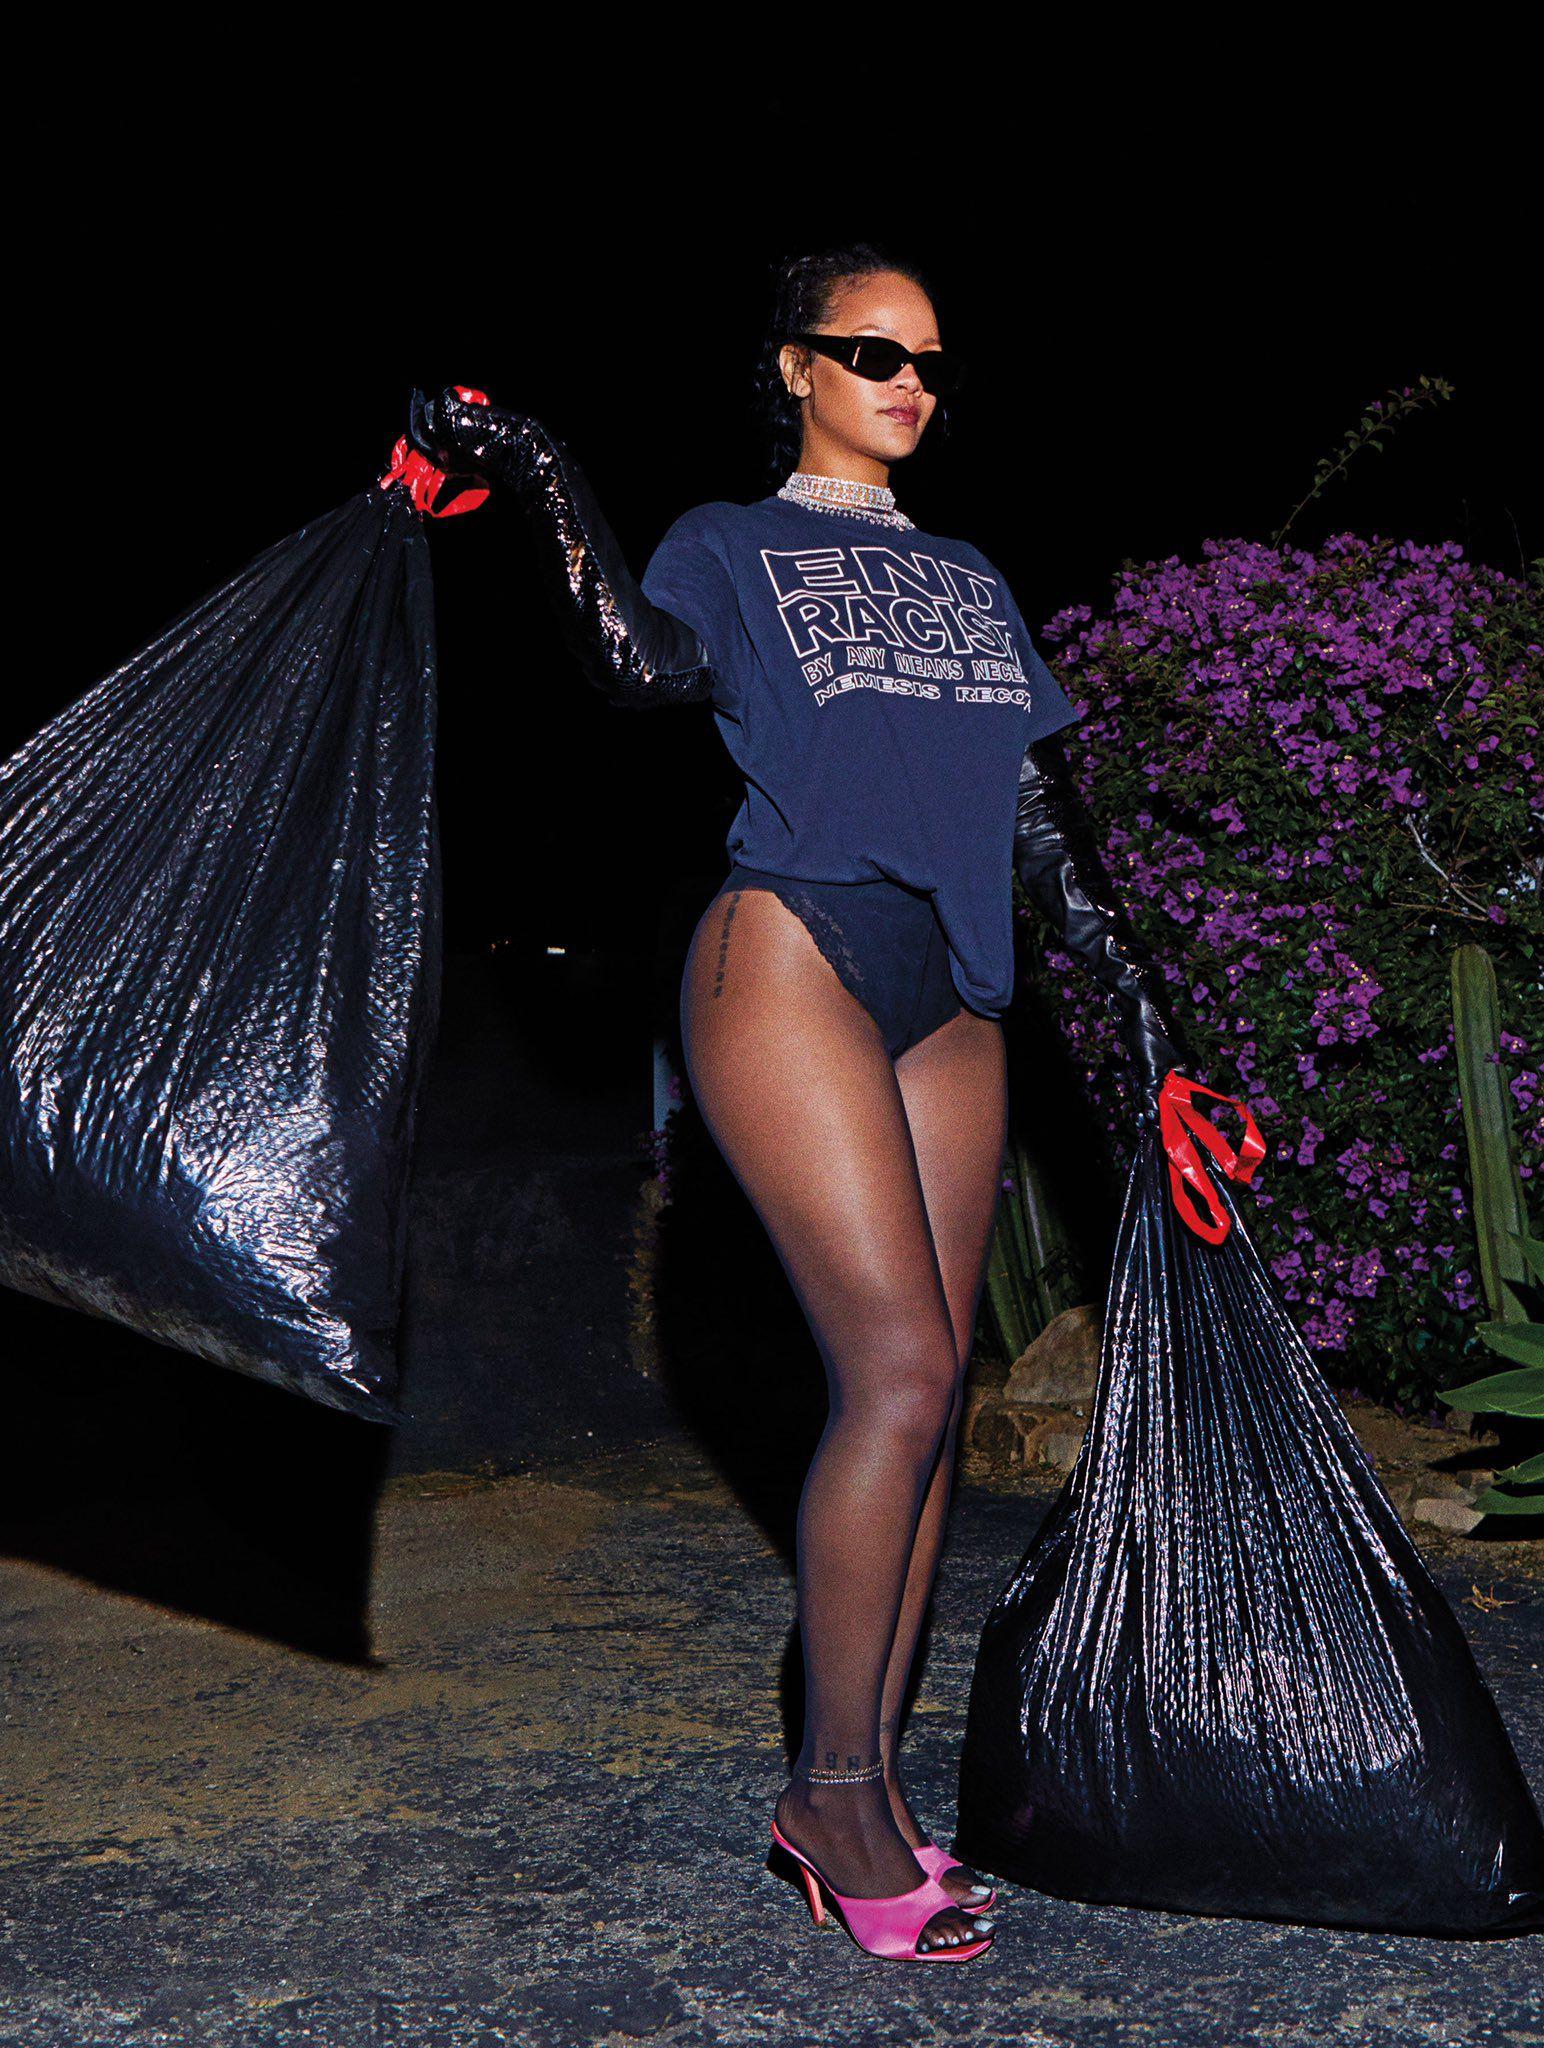 Rihanna Legs In Tights